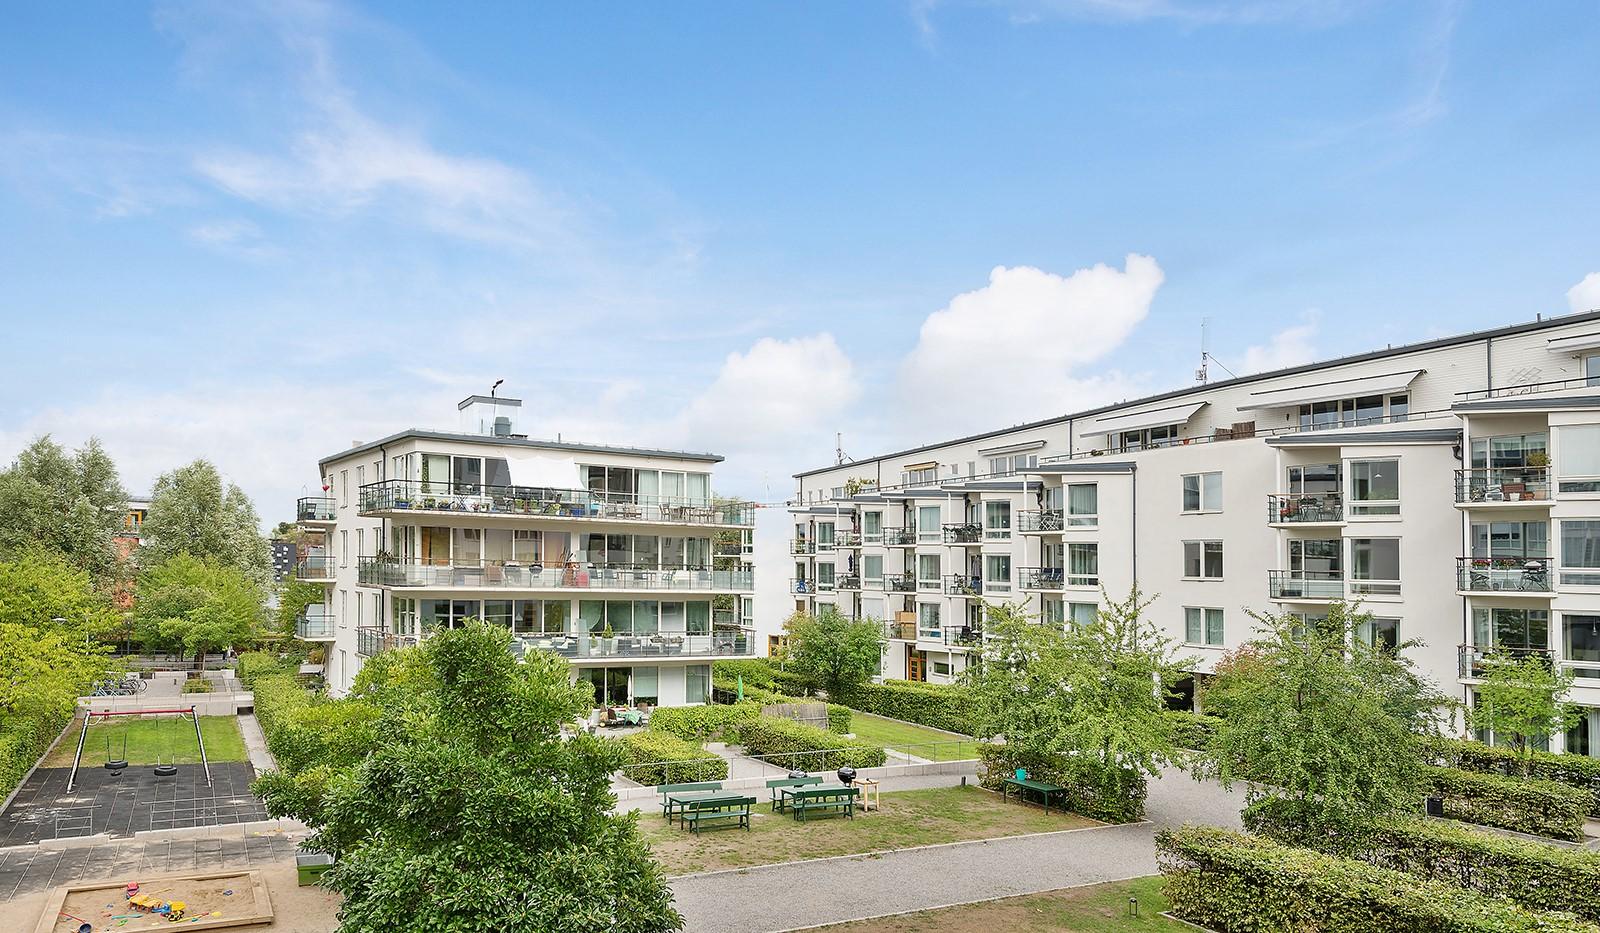 Babordsgatan 5, vån 3 - Föreningens innergård